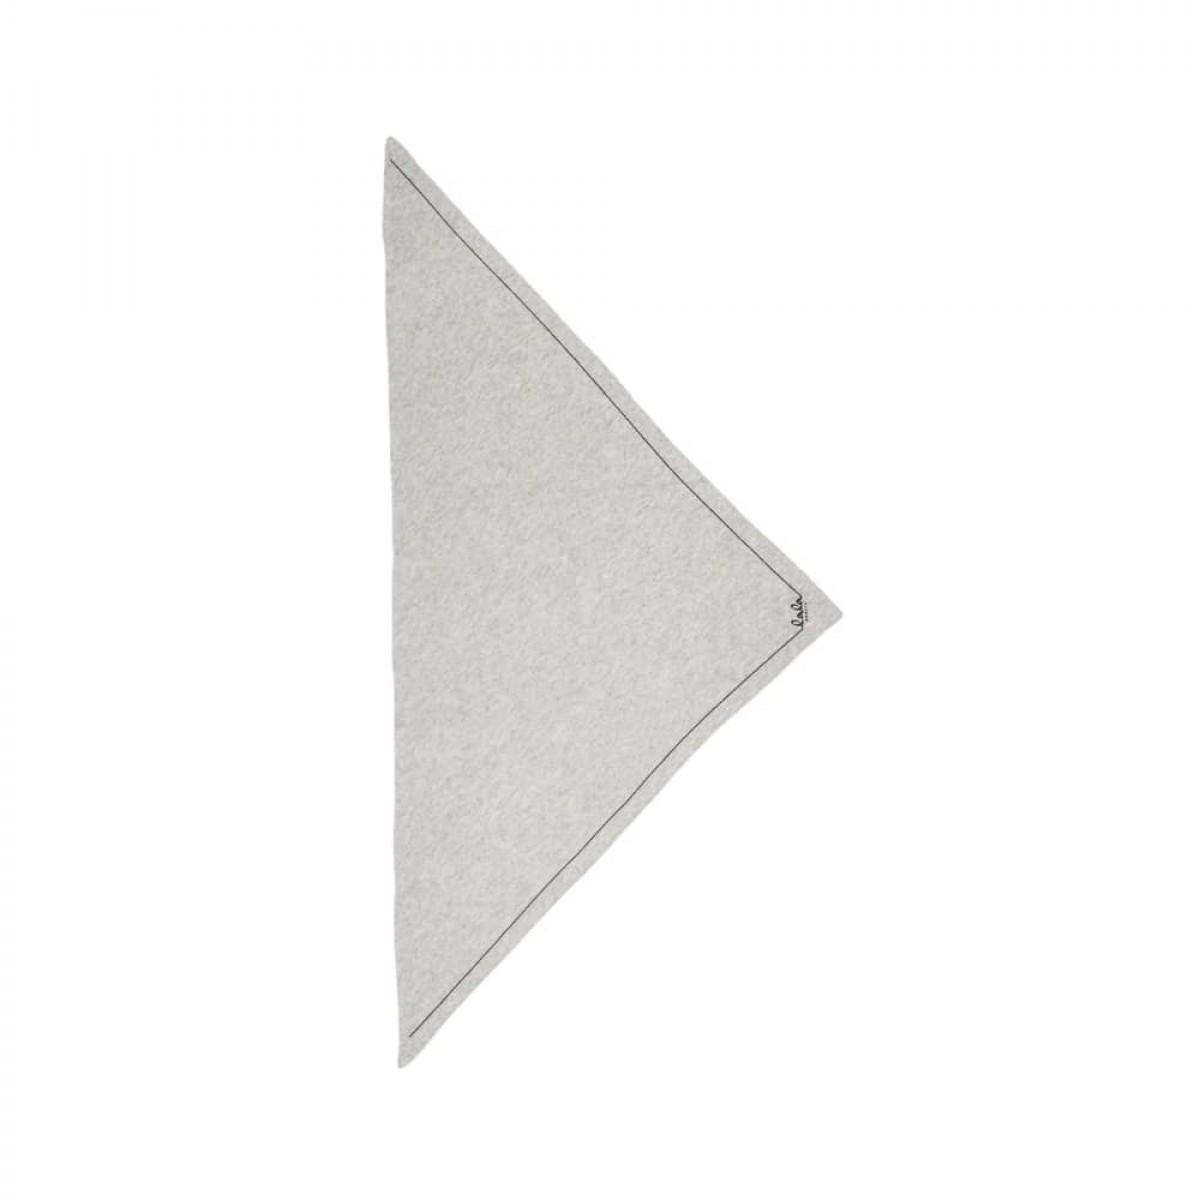 triangle solid logo m - flanella - trekant